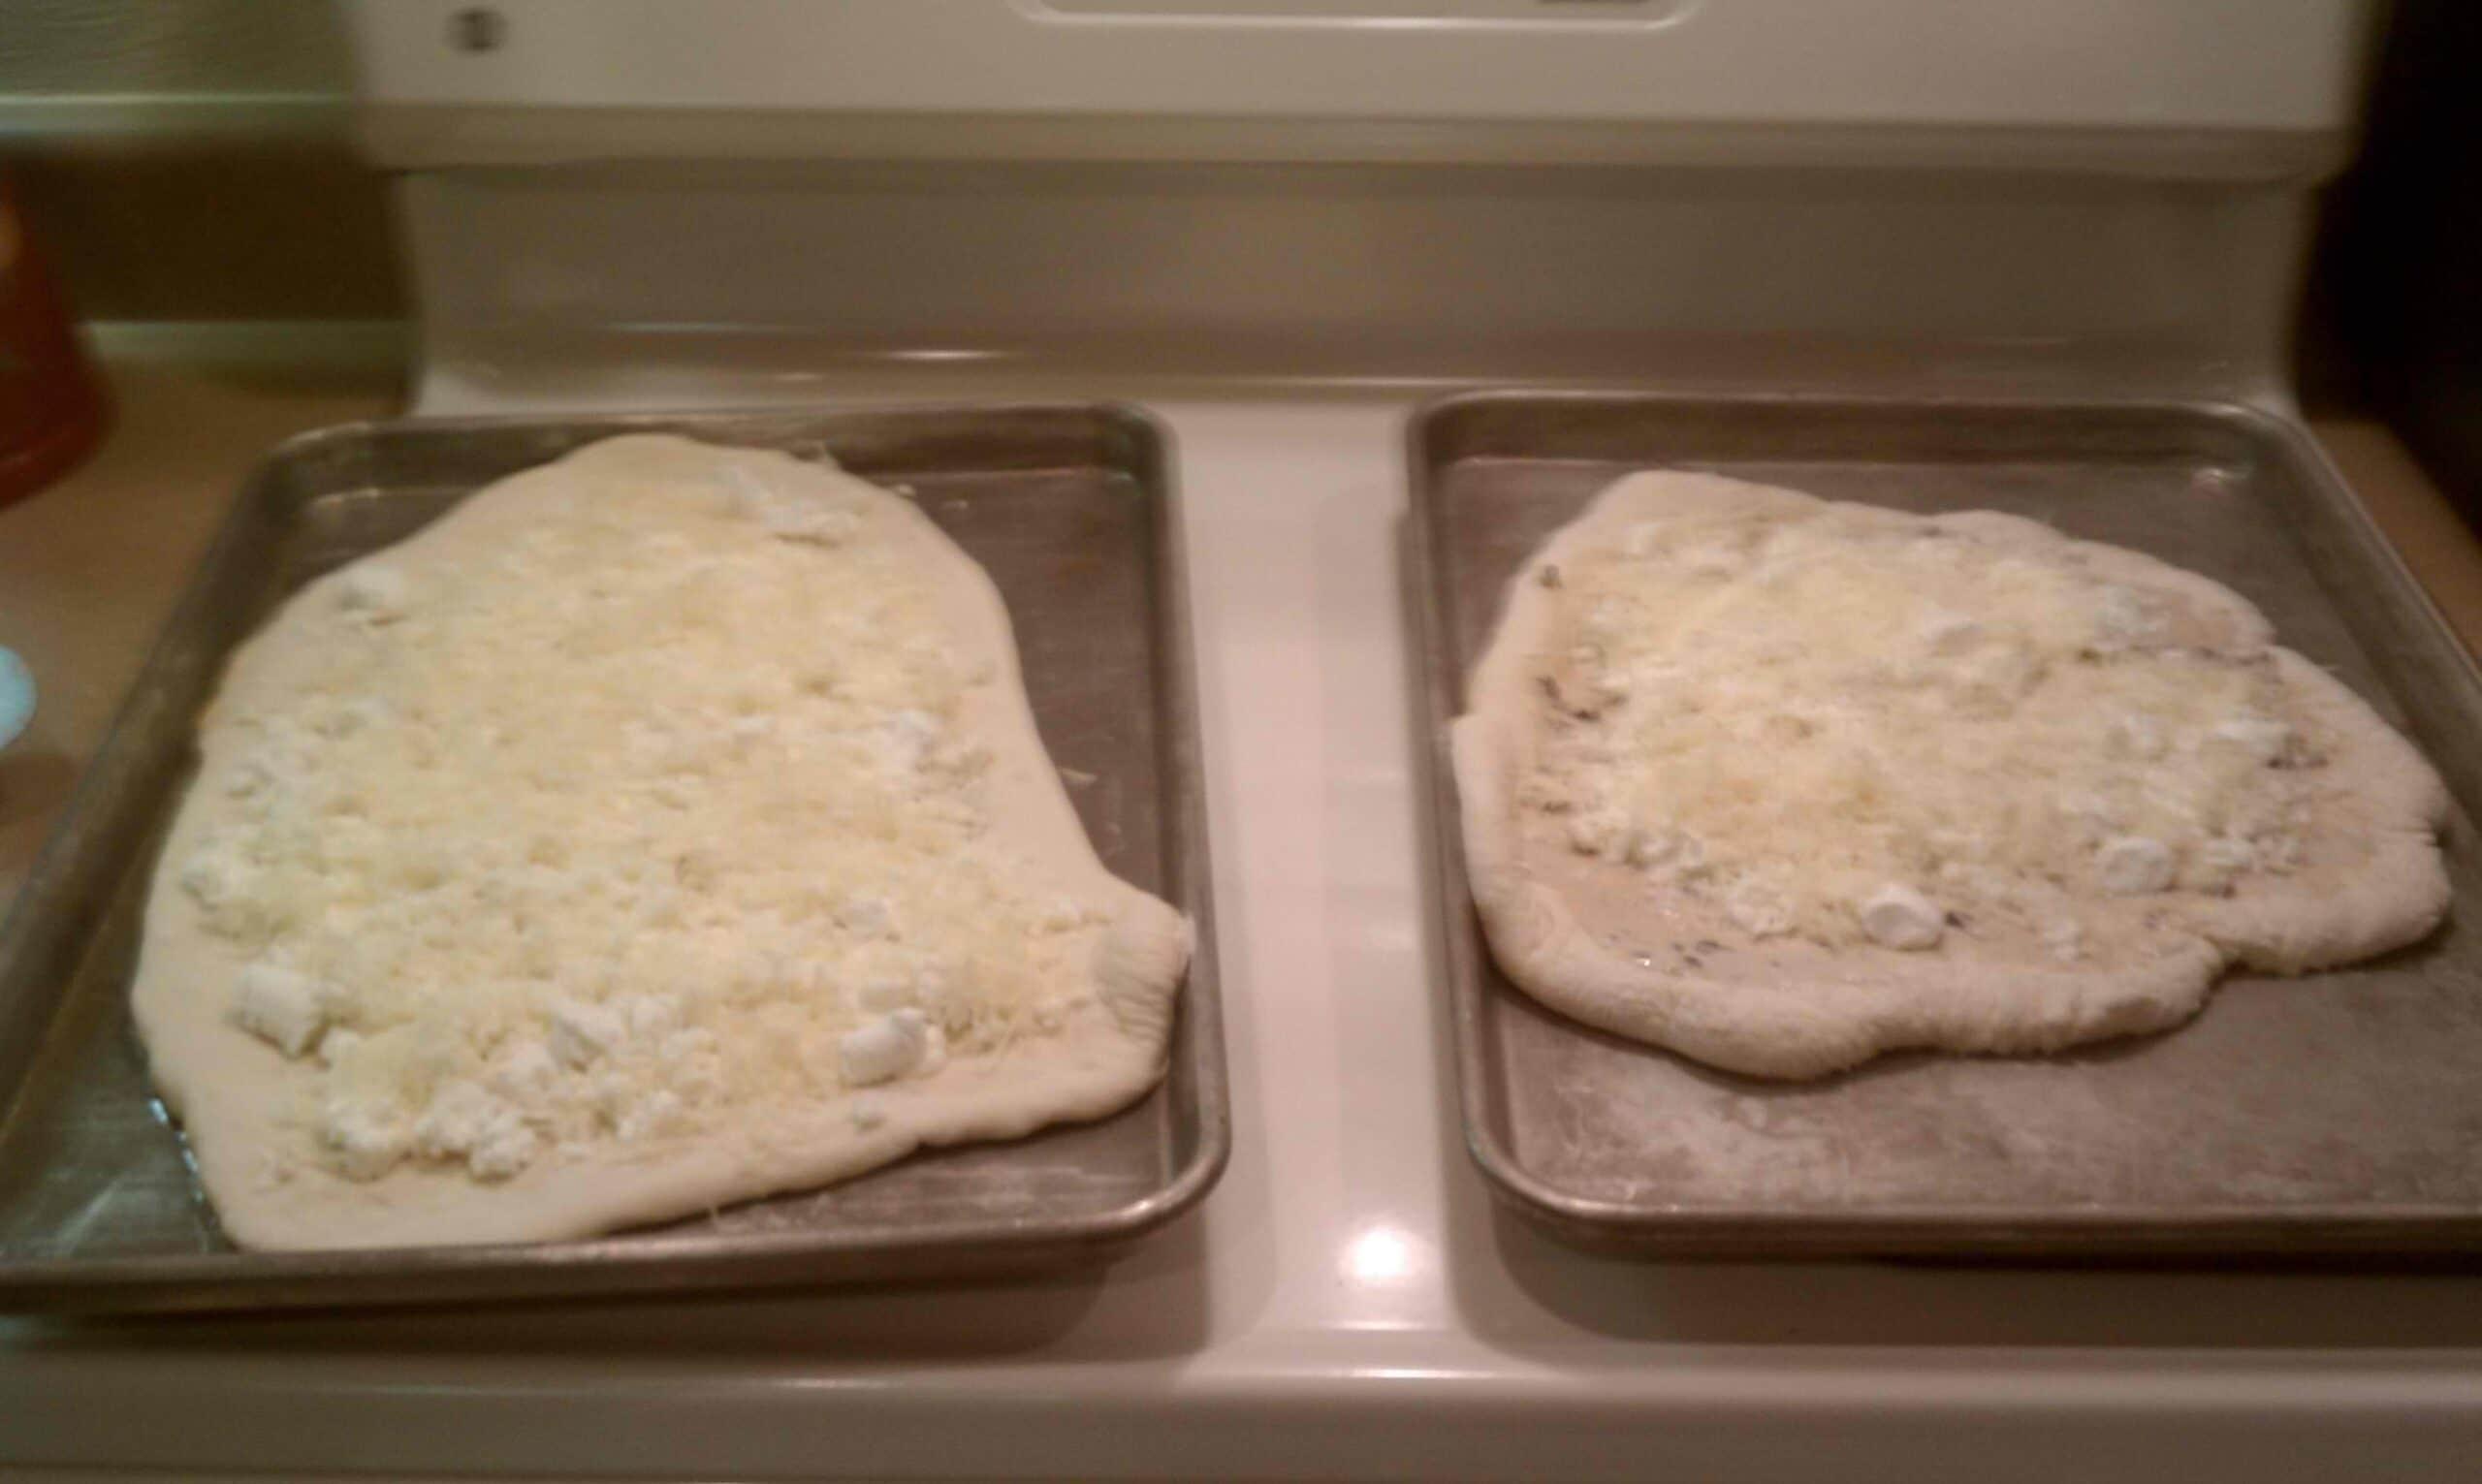 Pizza (pre-baking)